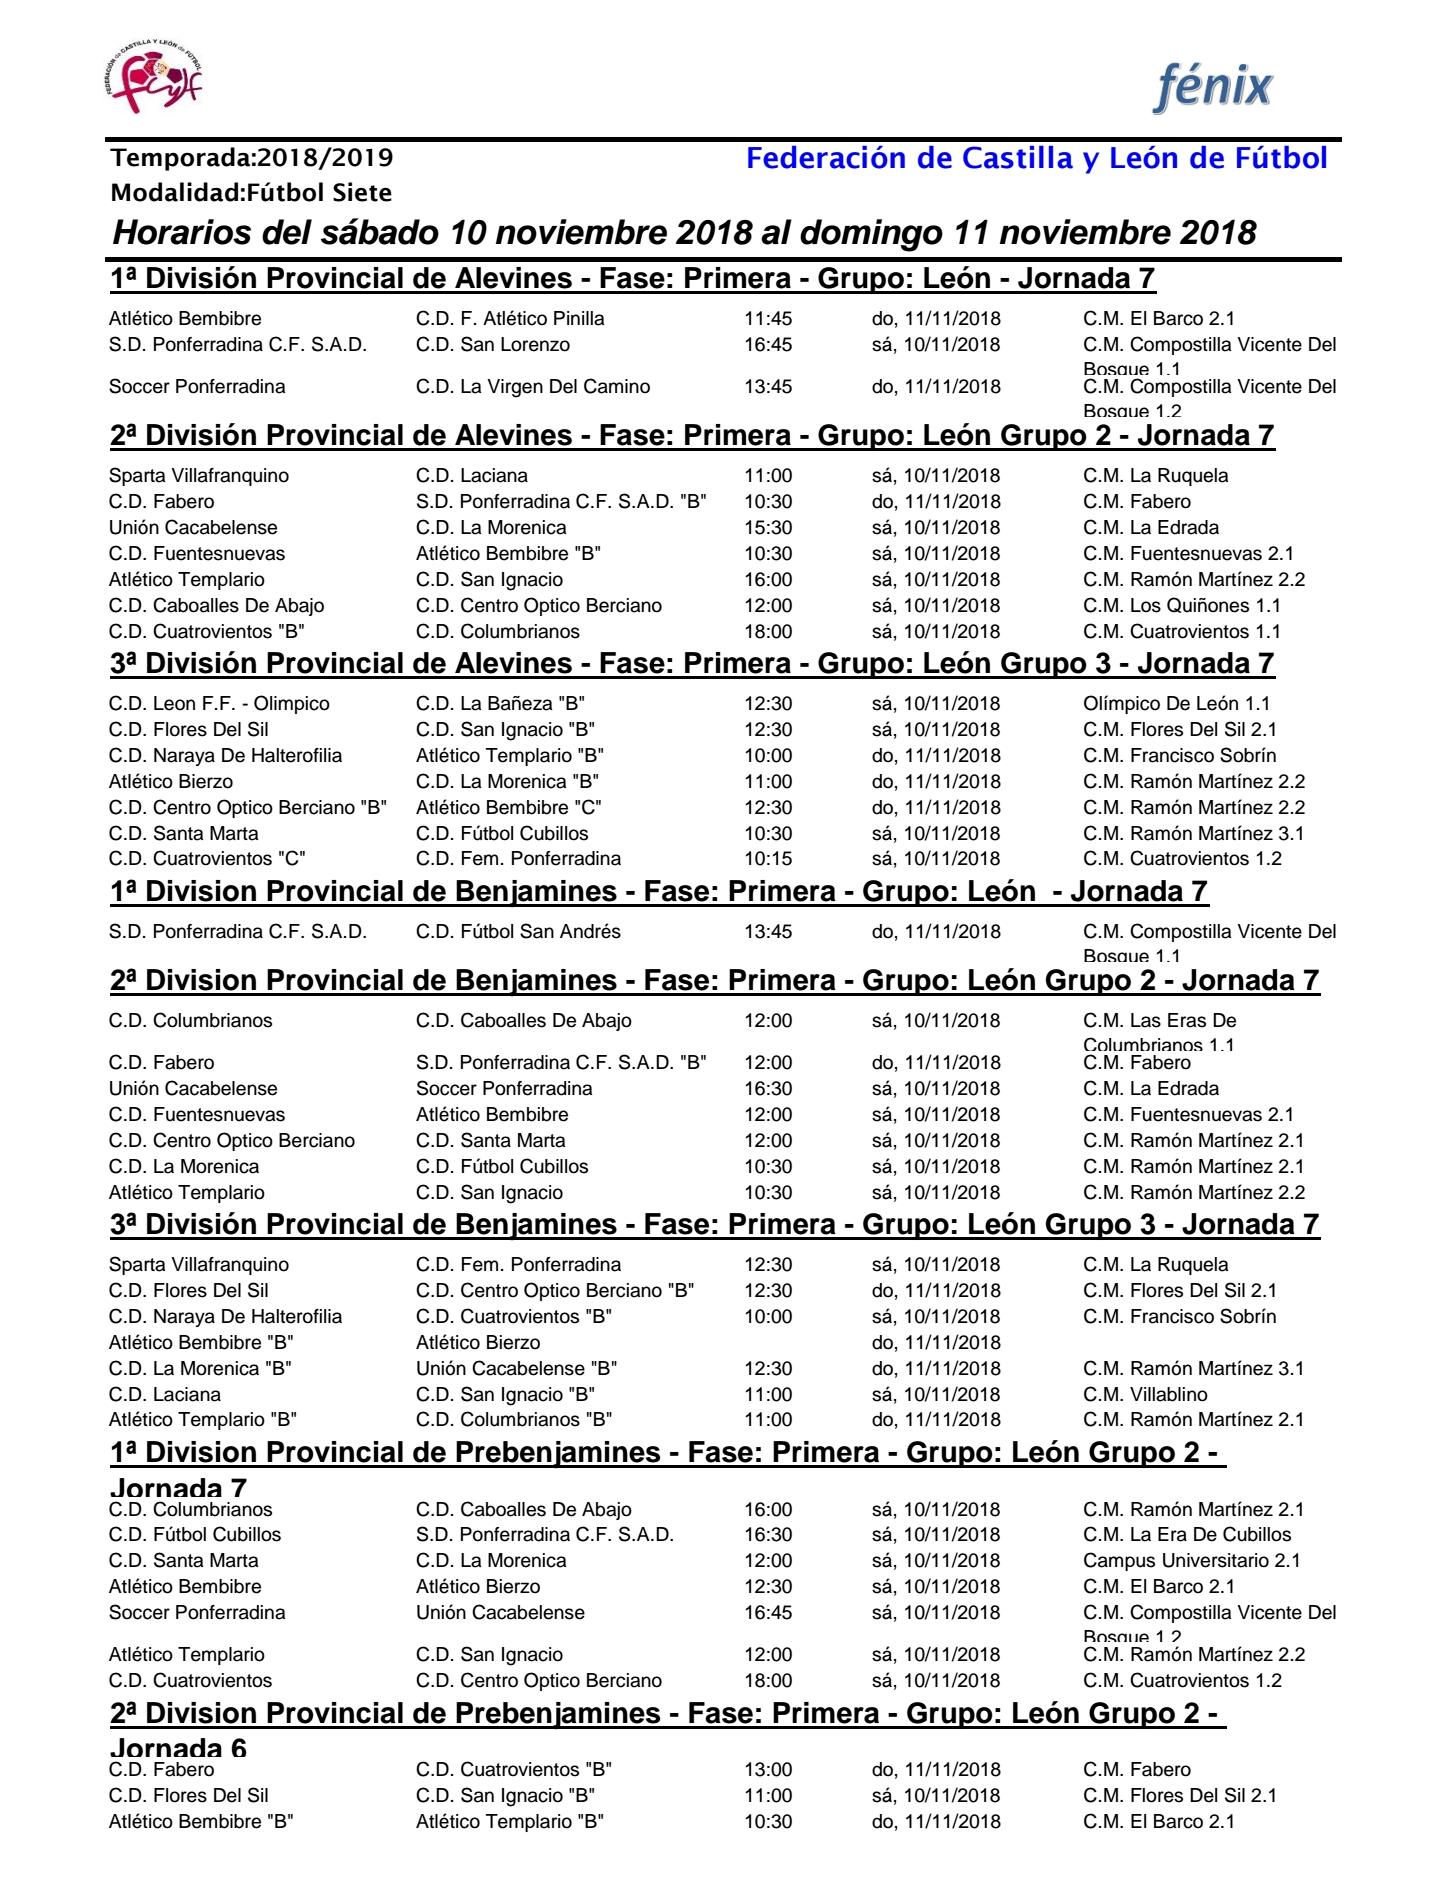 Planes para el fin de semana en Ponferrada y El Bierzo. 9 al 11 de noviembre 2018 39